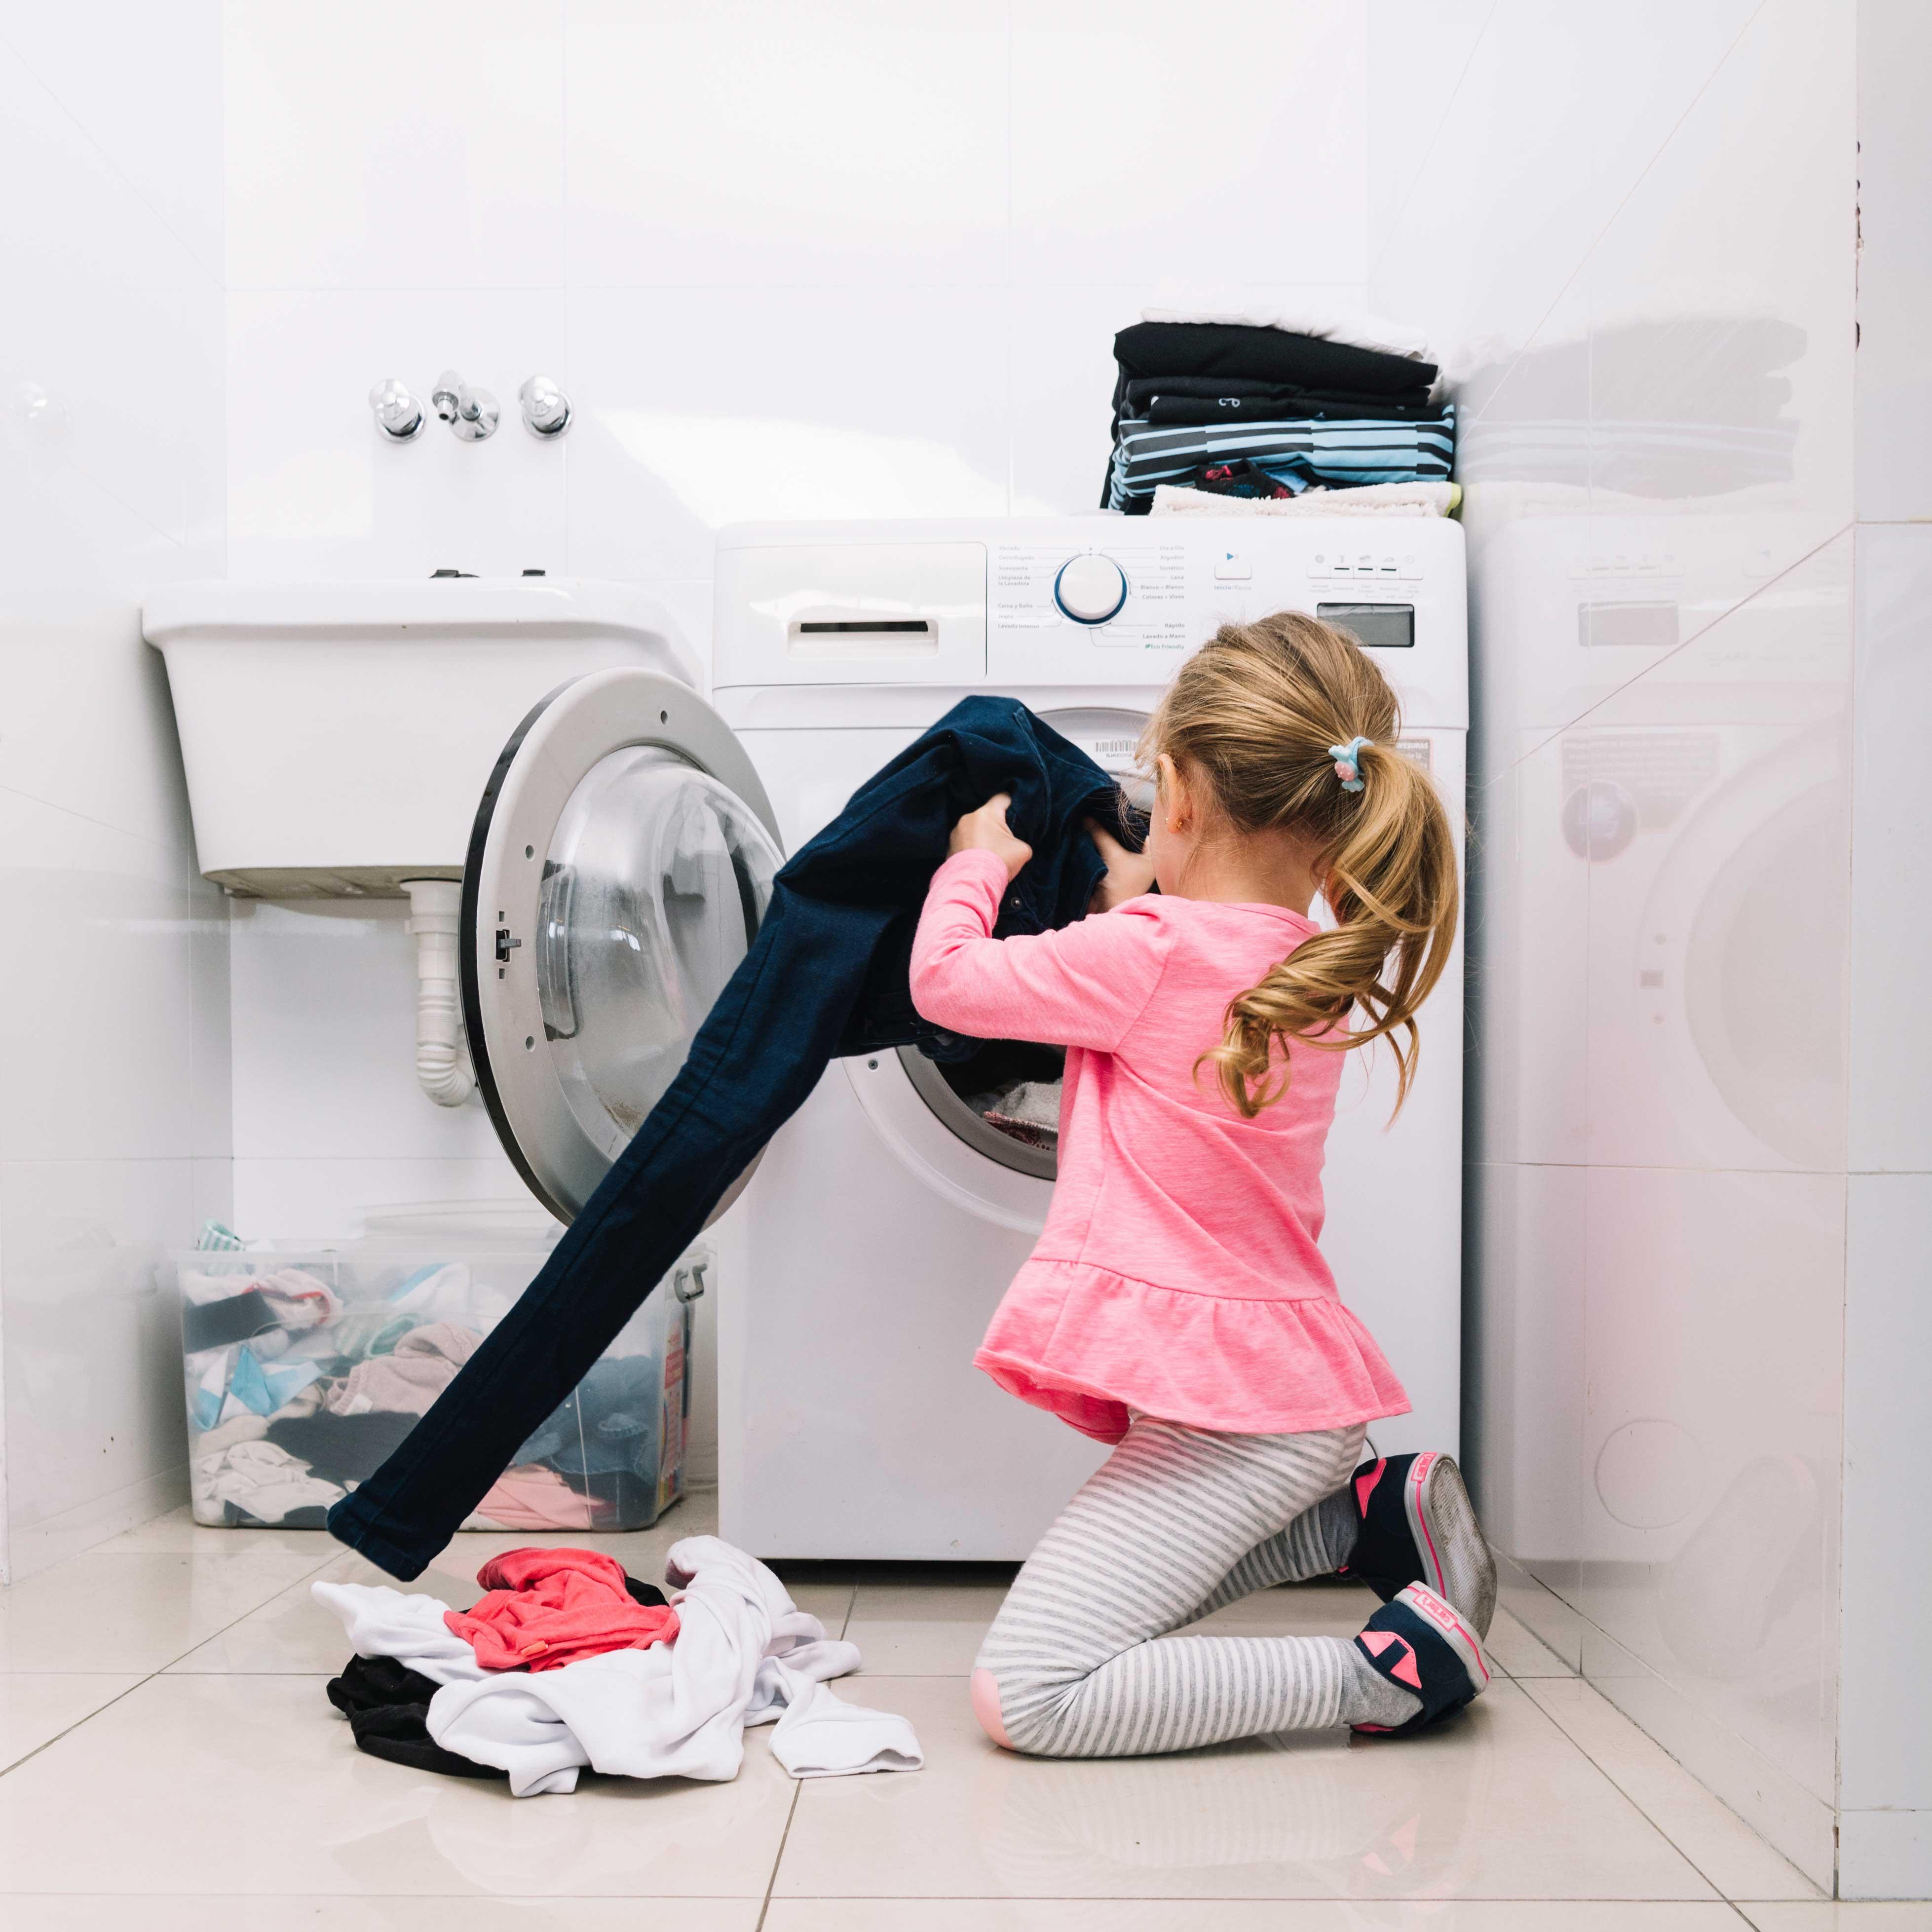 آموزش تعمیر ماشین لباسشویی، نحوه تعمیرات ماشین لباسشویی، چگونه ماشین لباسشویی را تعمیر کنیم؟